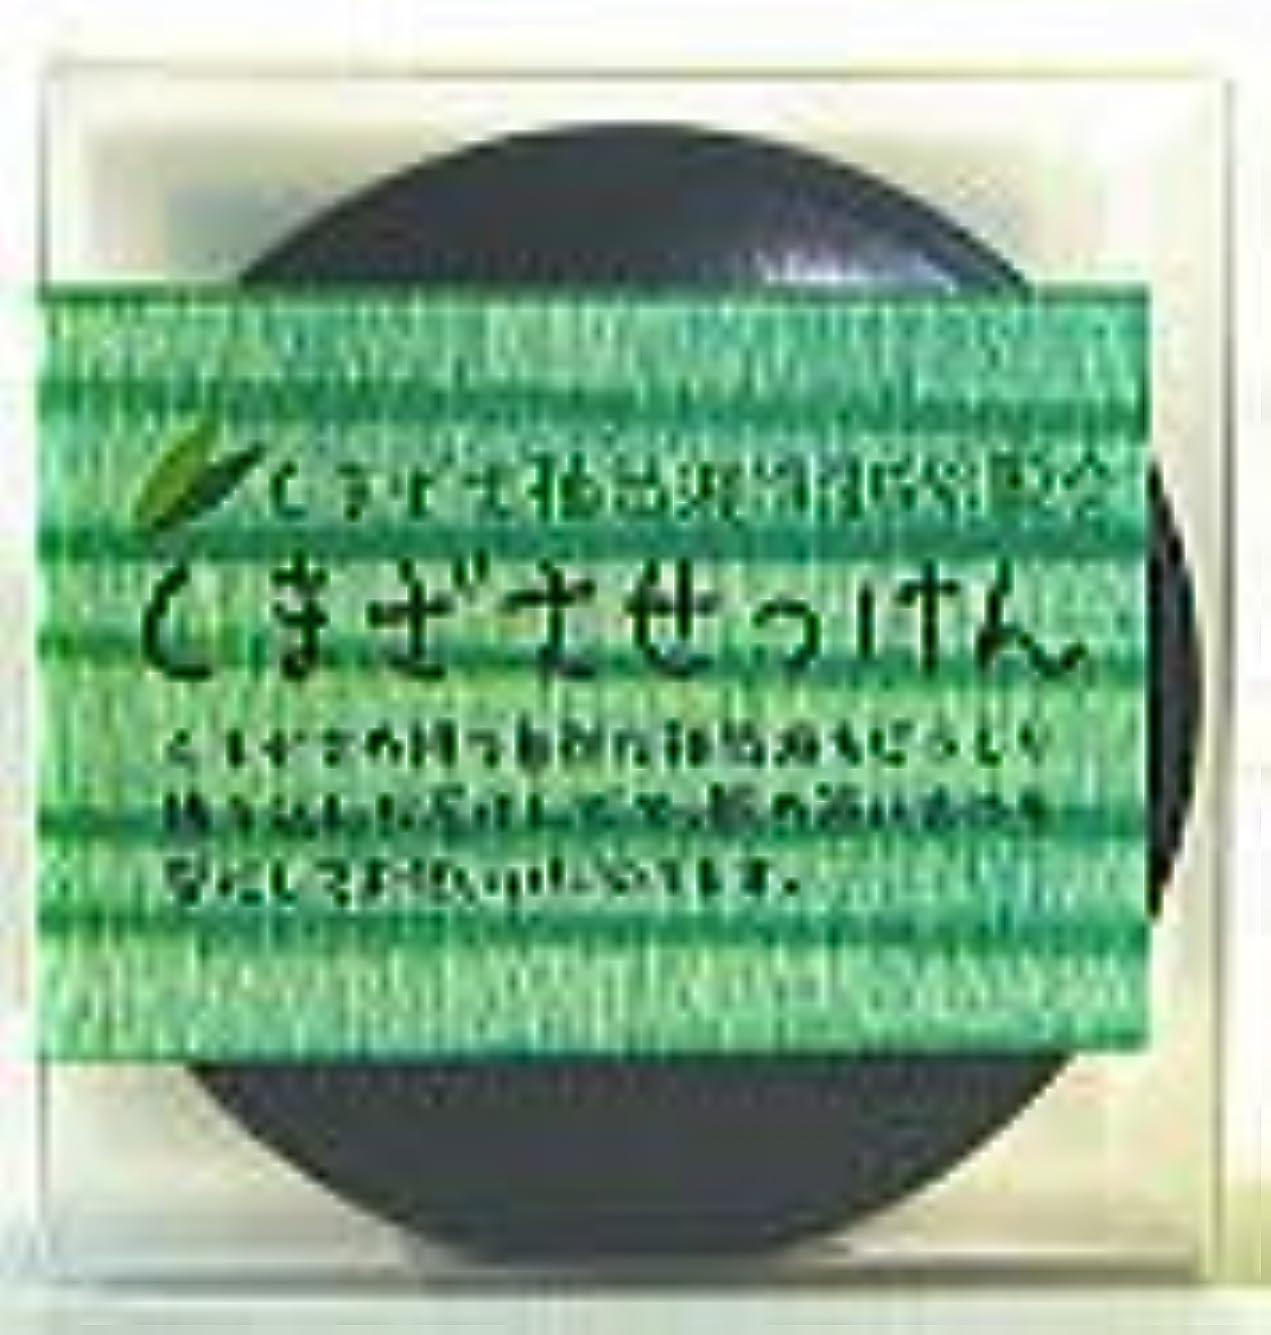 減らす蒸し器パーティーサンクロン クマザサ石鹸 100g